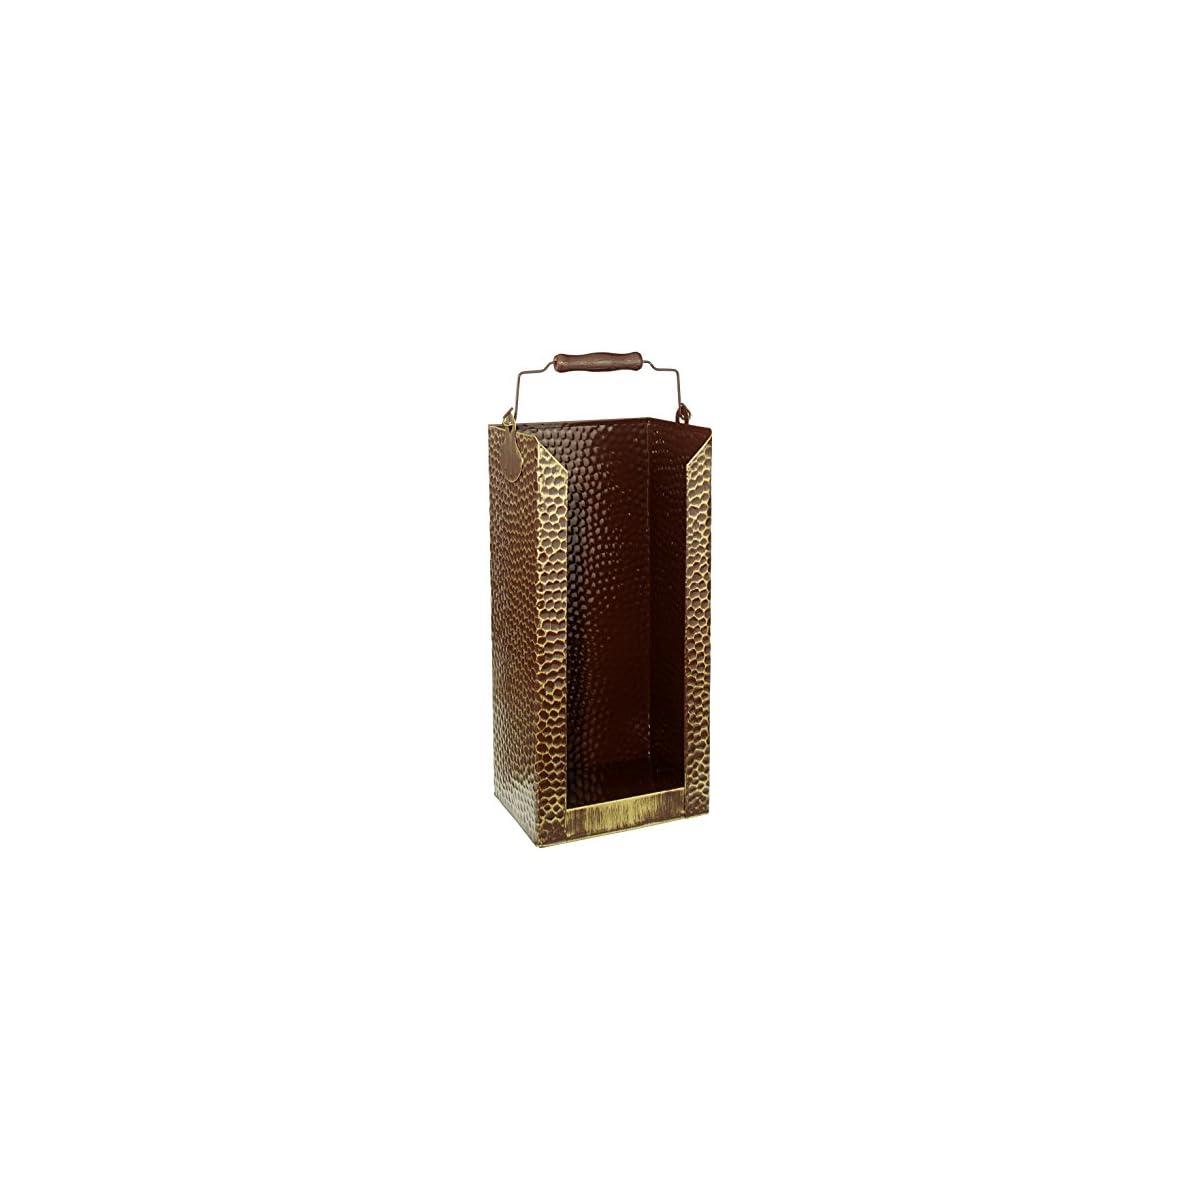 51cDWKzXaML. SS1200  - Kamino-Flam - Cubo para leña, Cesta para carbón, Contenedor para leña, Cajón de almacenamiento, Caja para almacenar leña y carbón - 20/15/40 cm